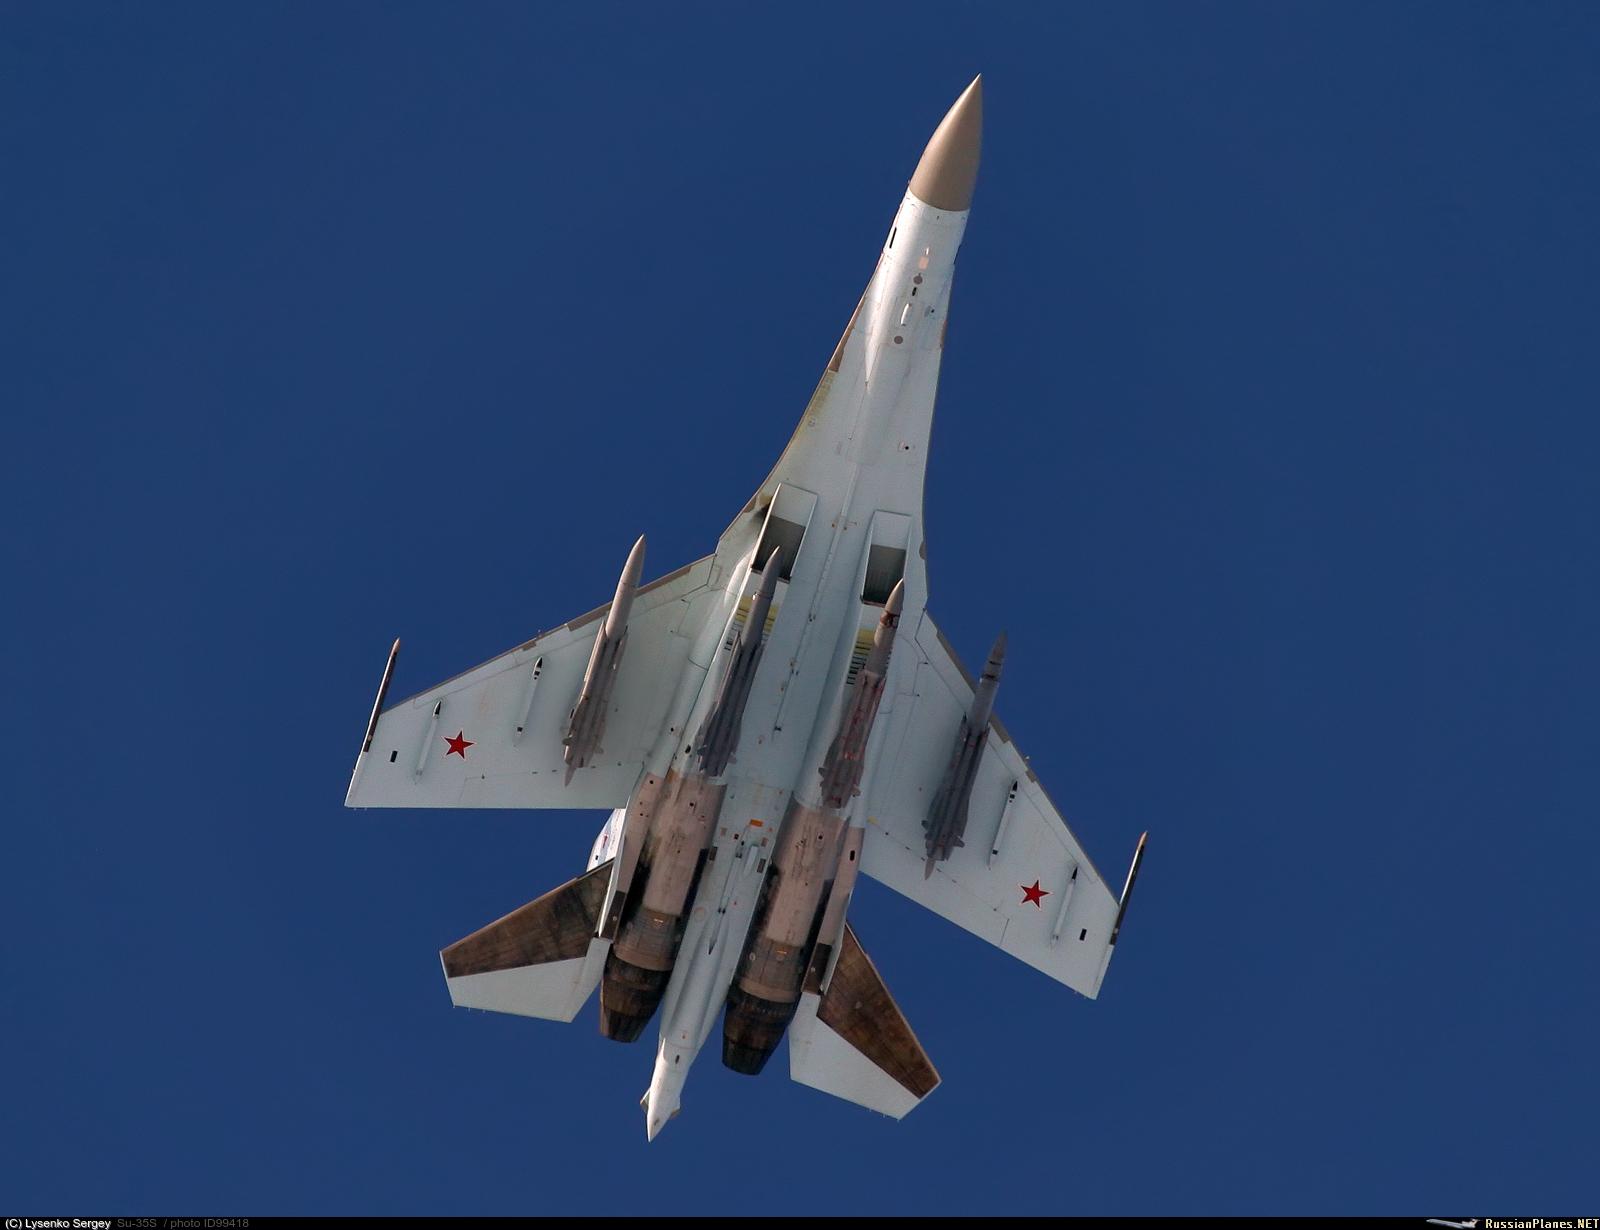 Fuerzas Armadas de la Federación Rusa - Página 9 099418